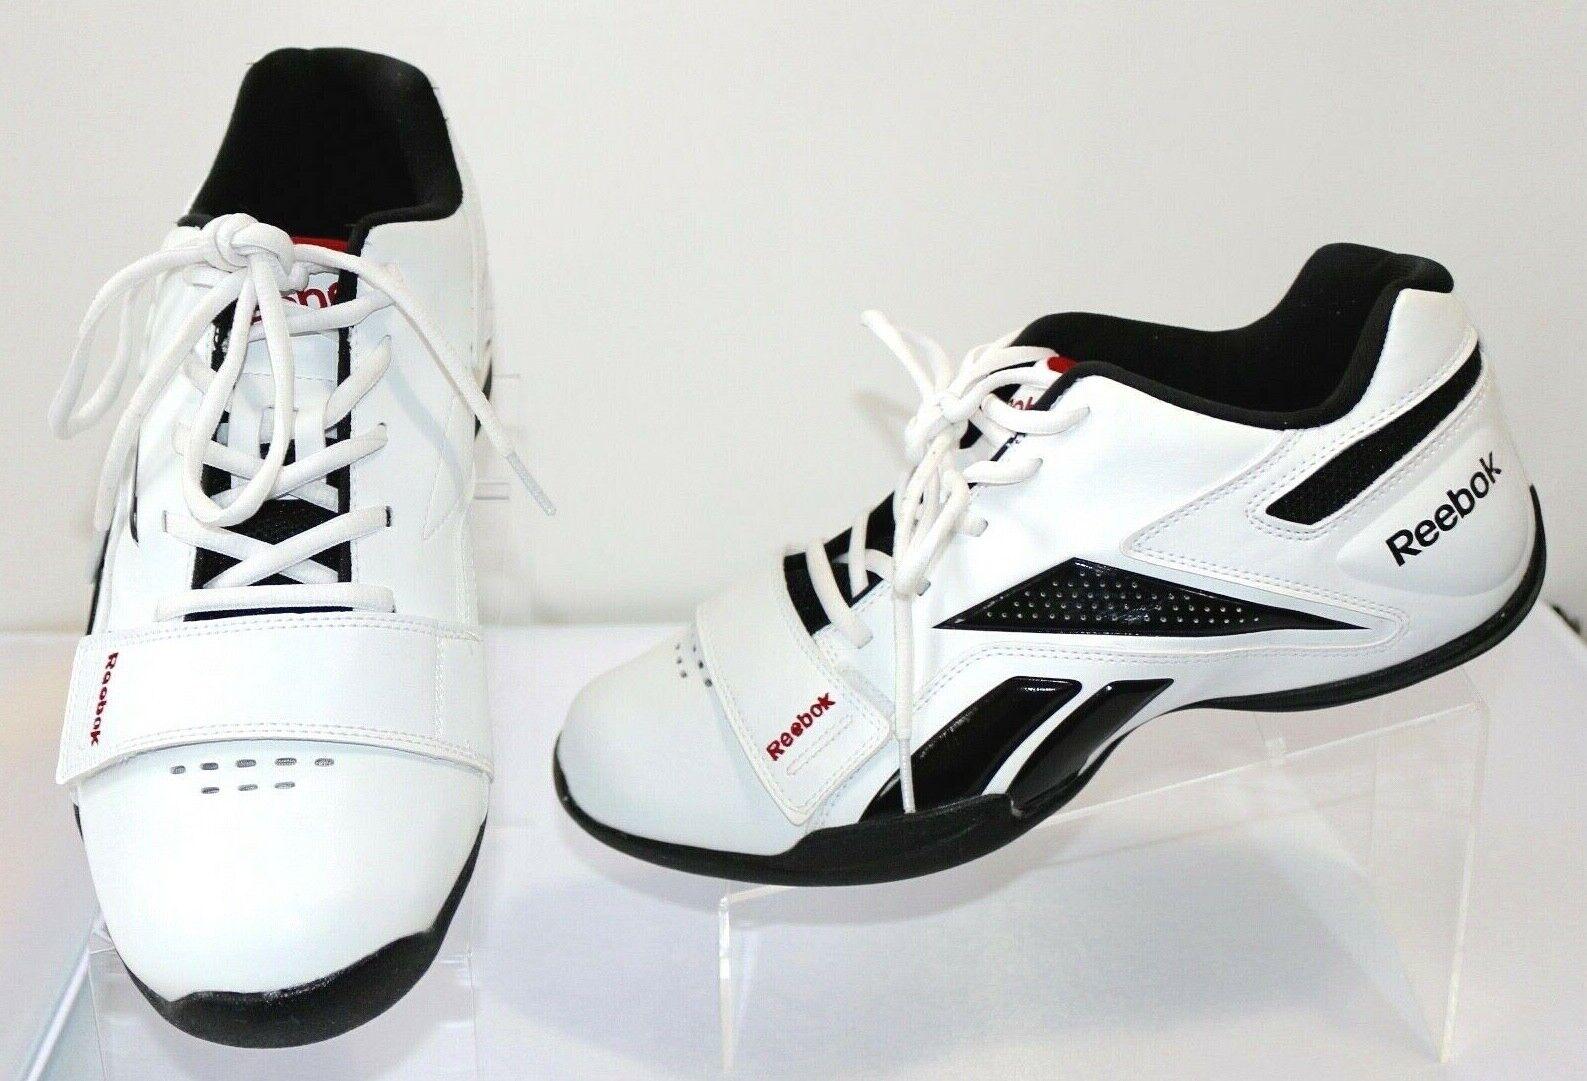 Reebok Colonade II V57202 Mens Basketball shoes Size 11.5